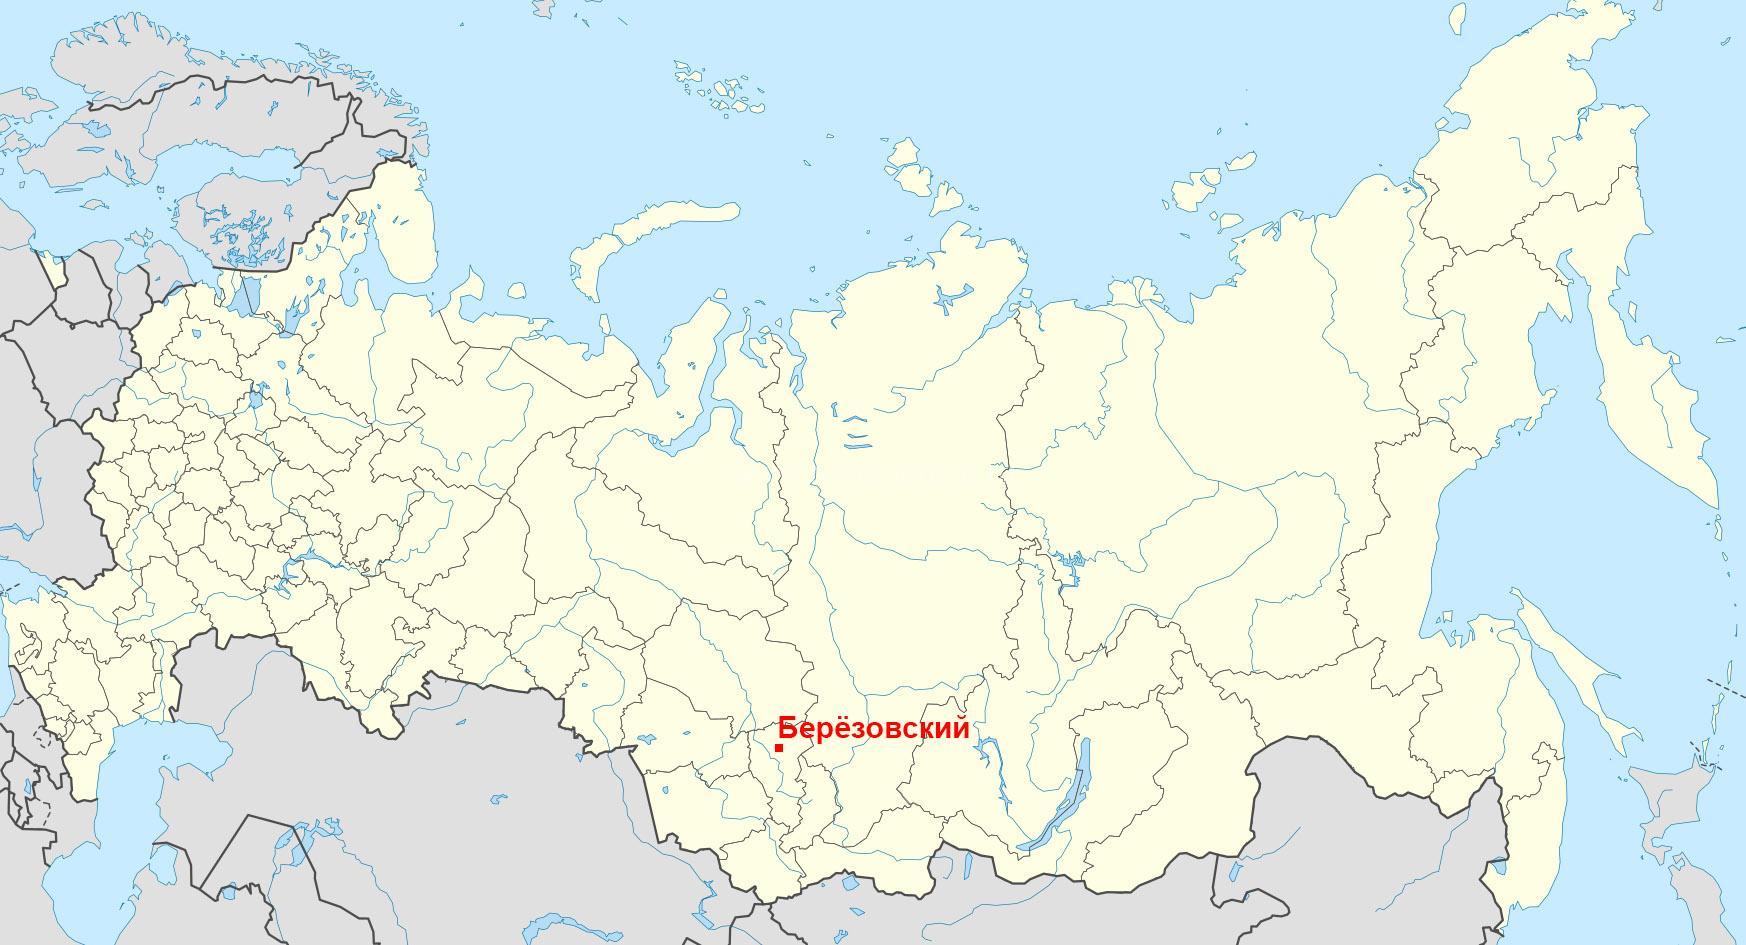 Город Берёзовский на карте России